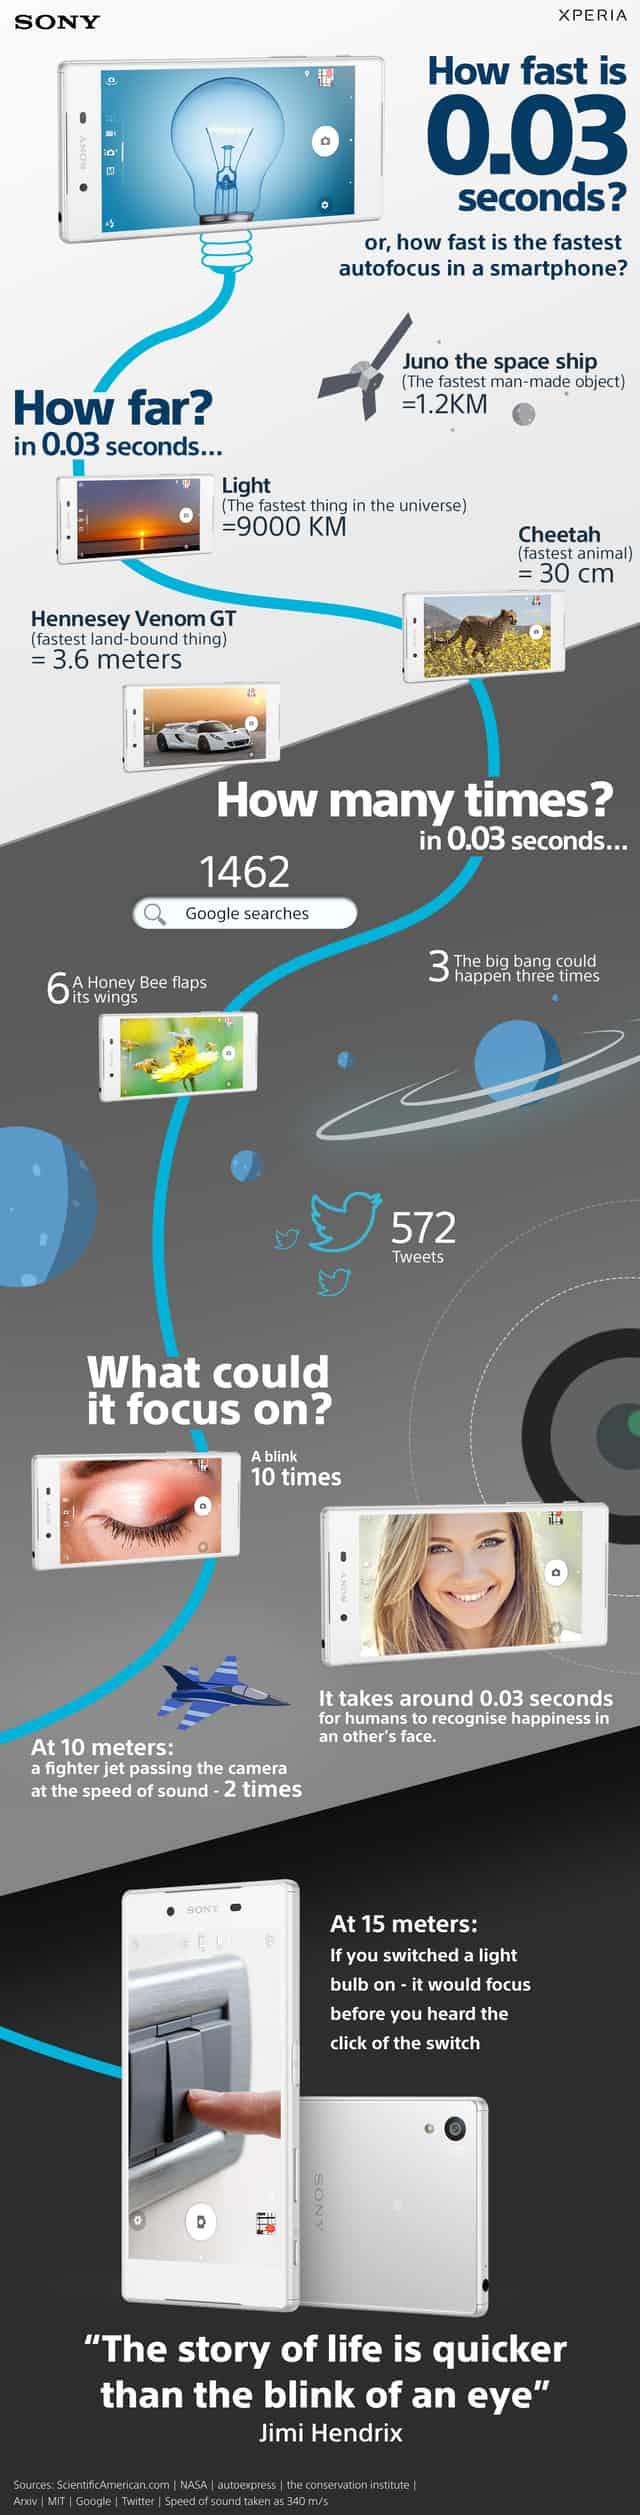 sony-autofocus-infographic